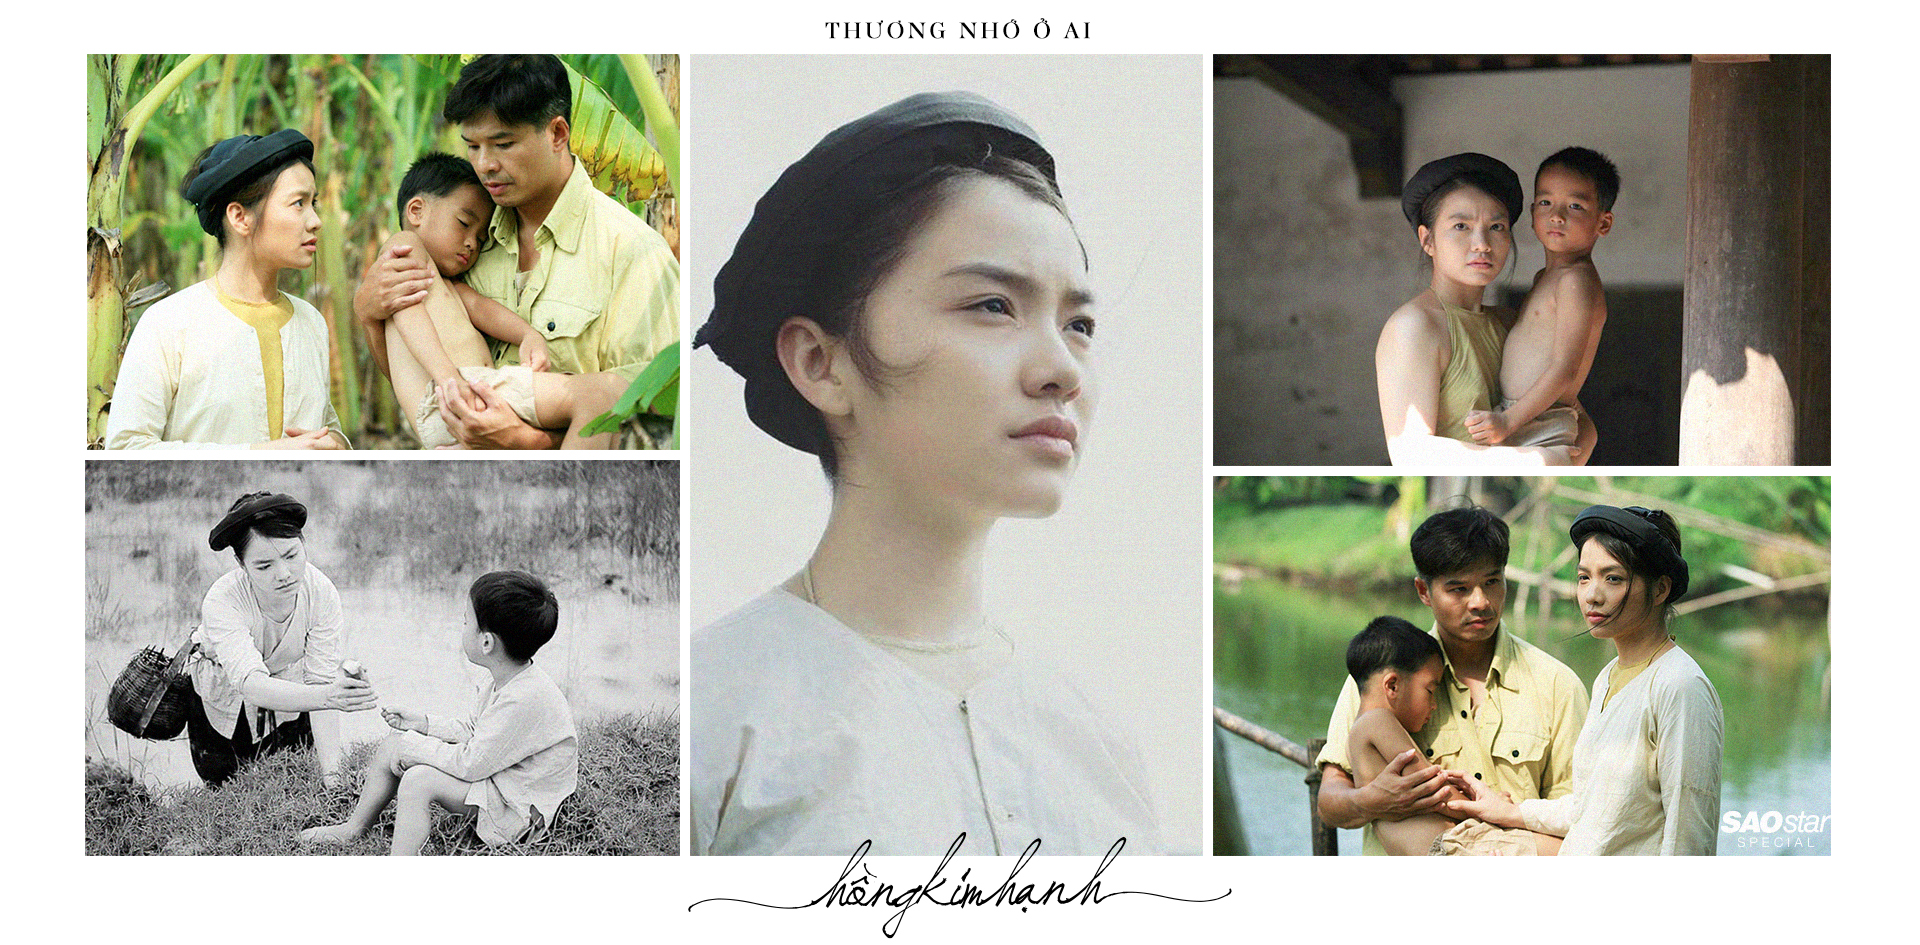 Hồng Kim Hạnh và cú shock mất cha, mất nhà nhưng không dám khóc, phải mạnh mẽ thay phần mẹ